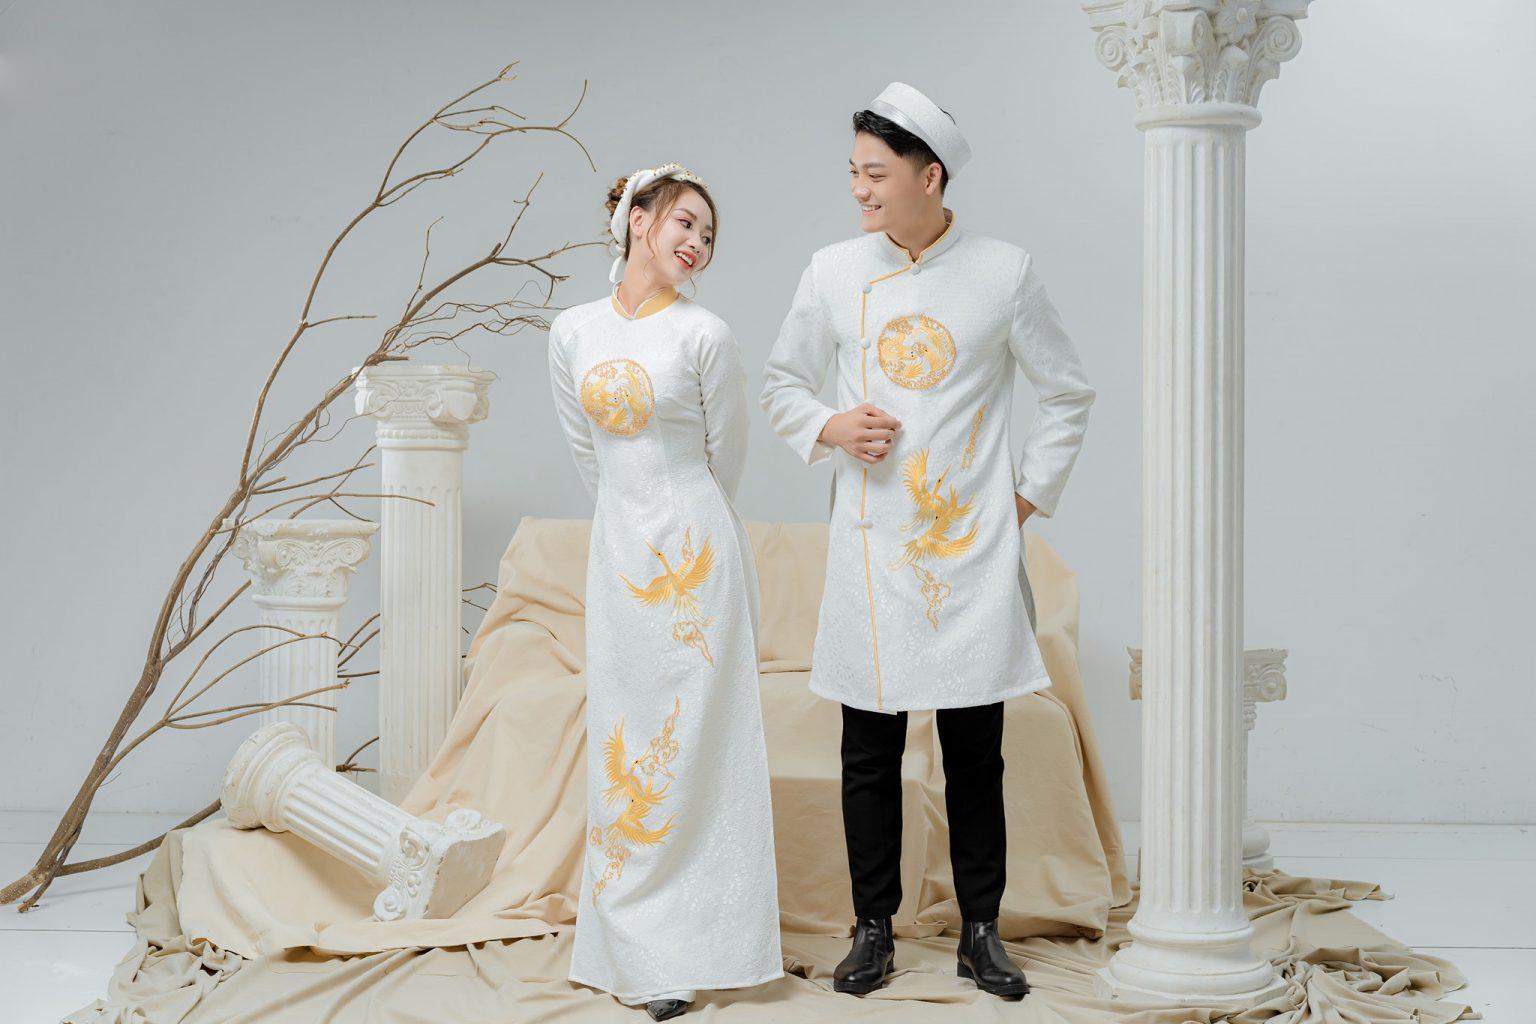 Áo dài cưới gấm trắng- nét đẹp truyền thống và sang trọng cho cô dâu Marry